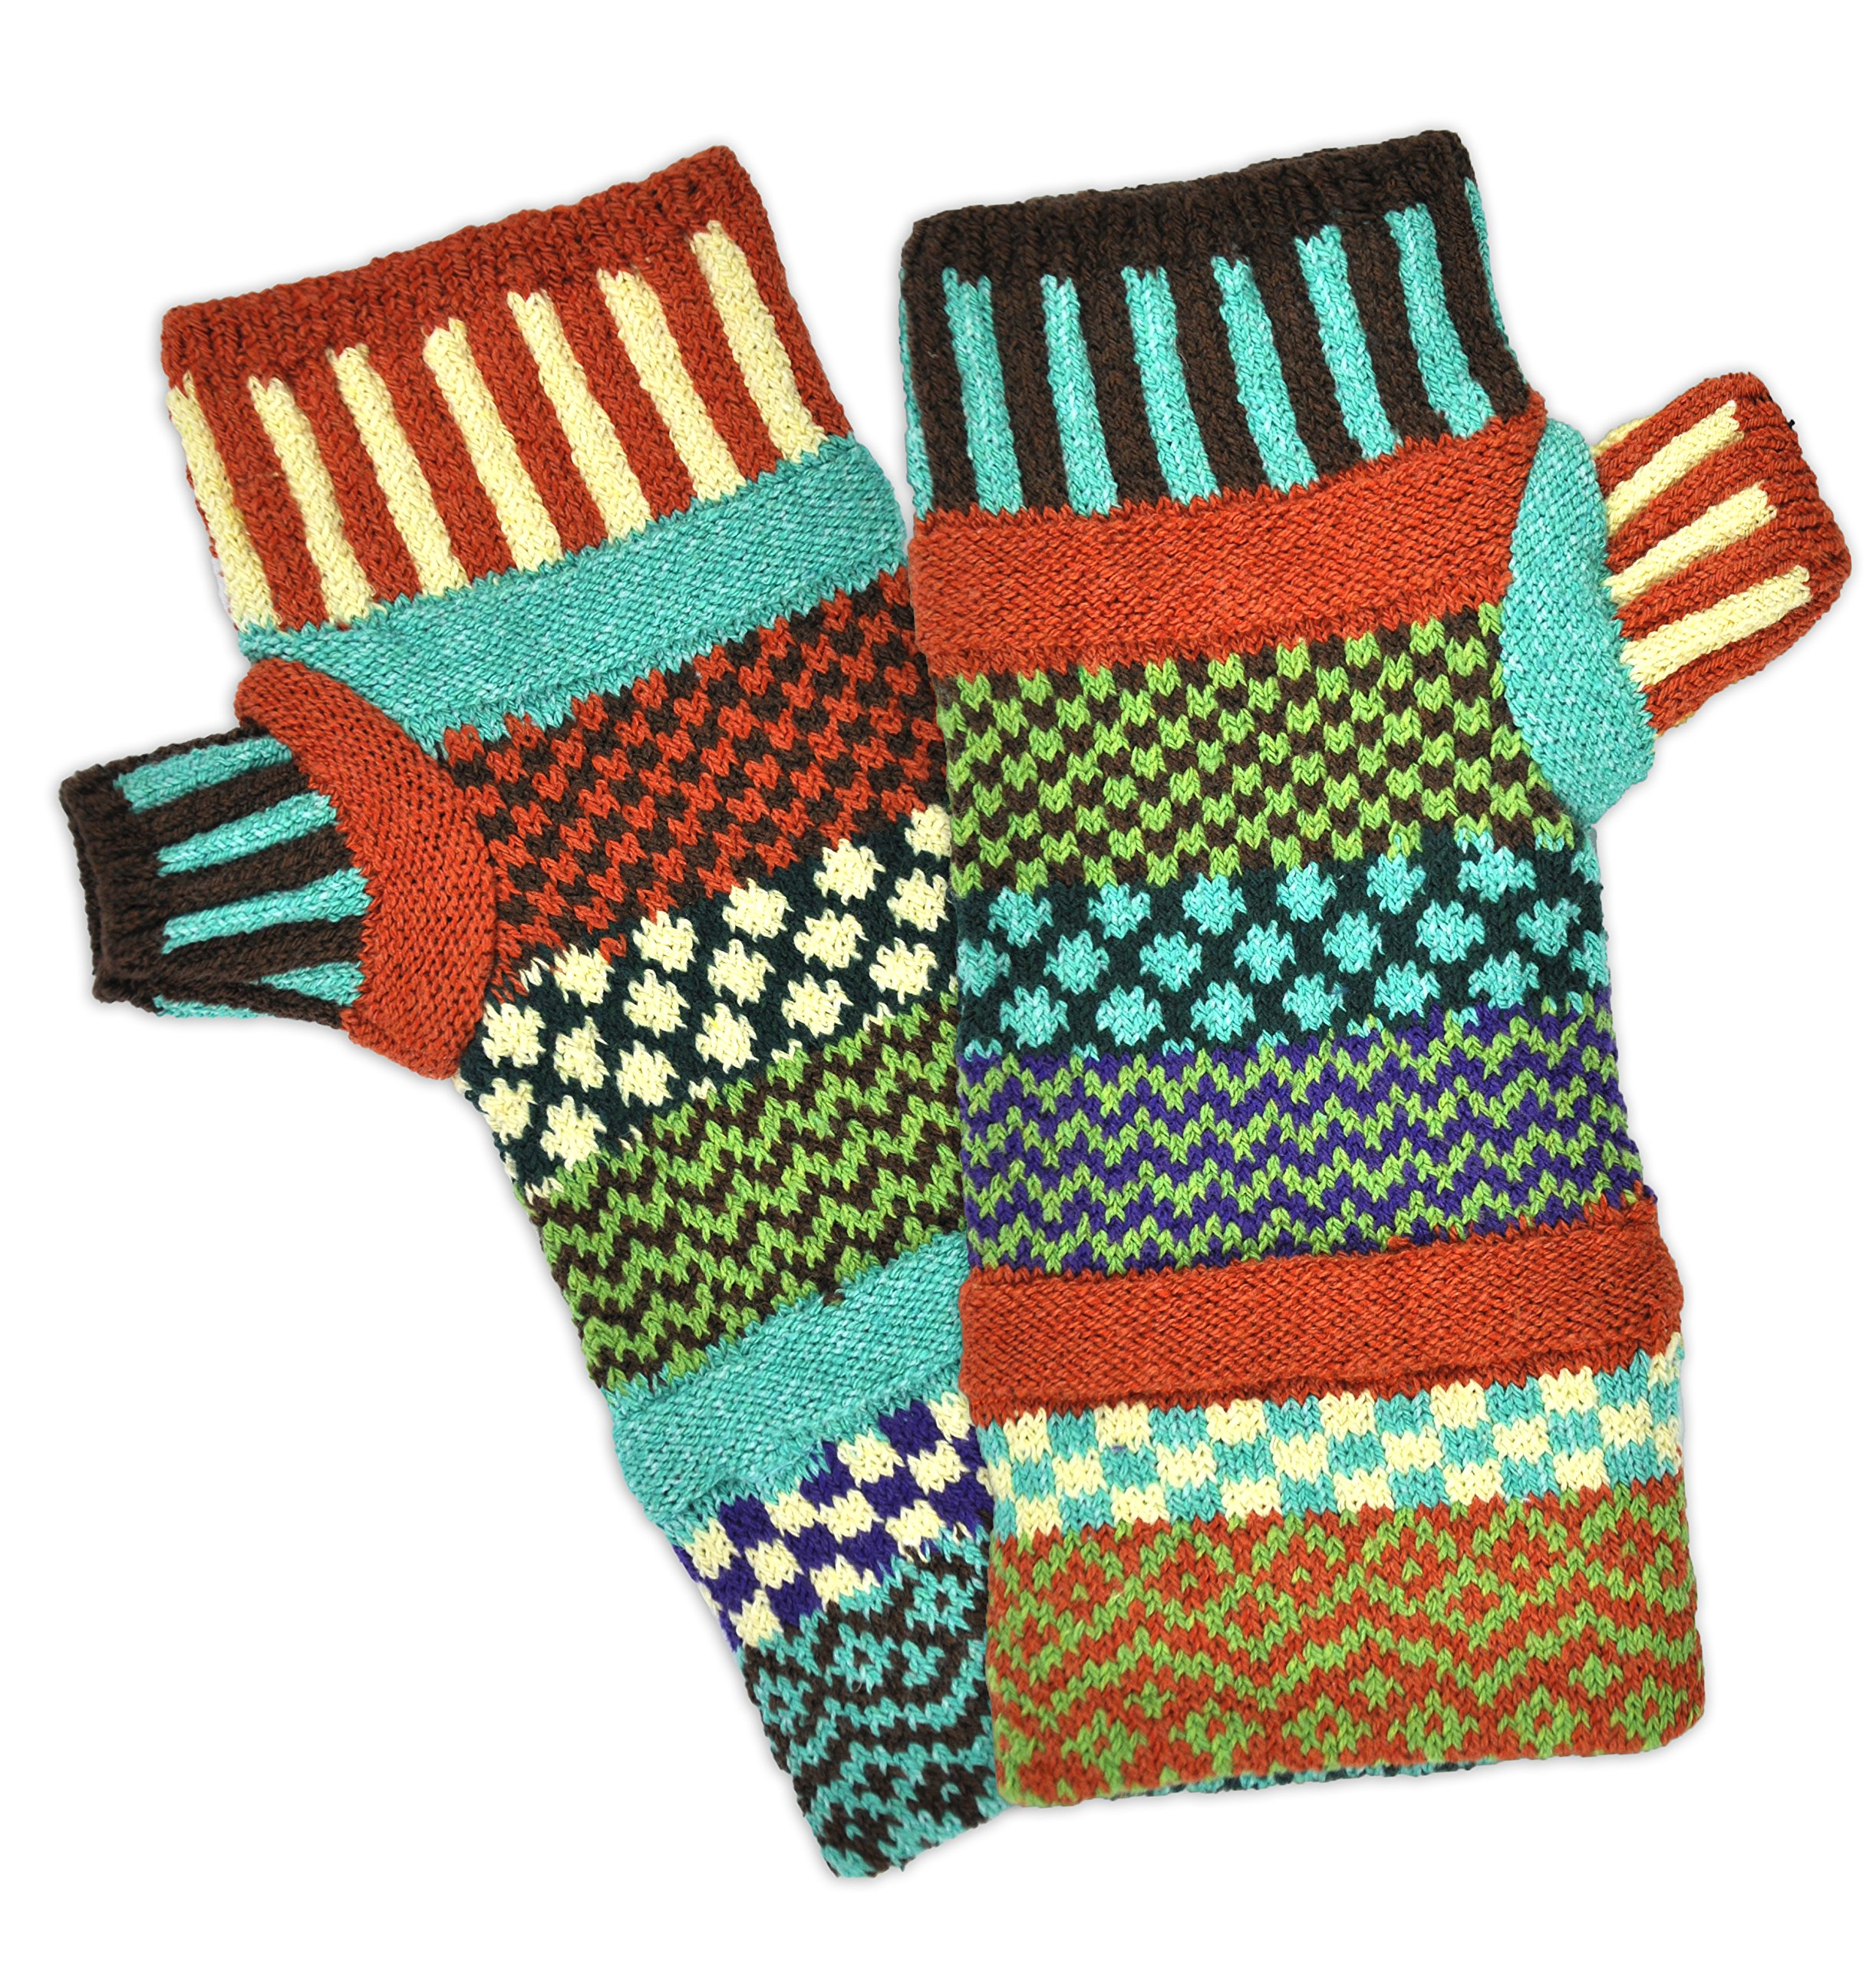 Solmate Socks, Mismatched Fingerless Gloves for Men or Women, September Sun